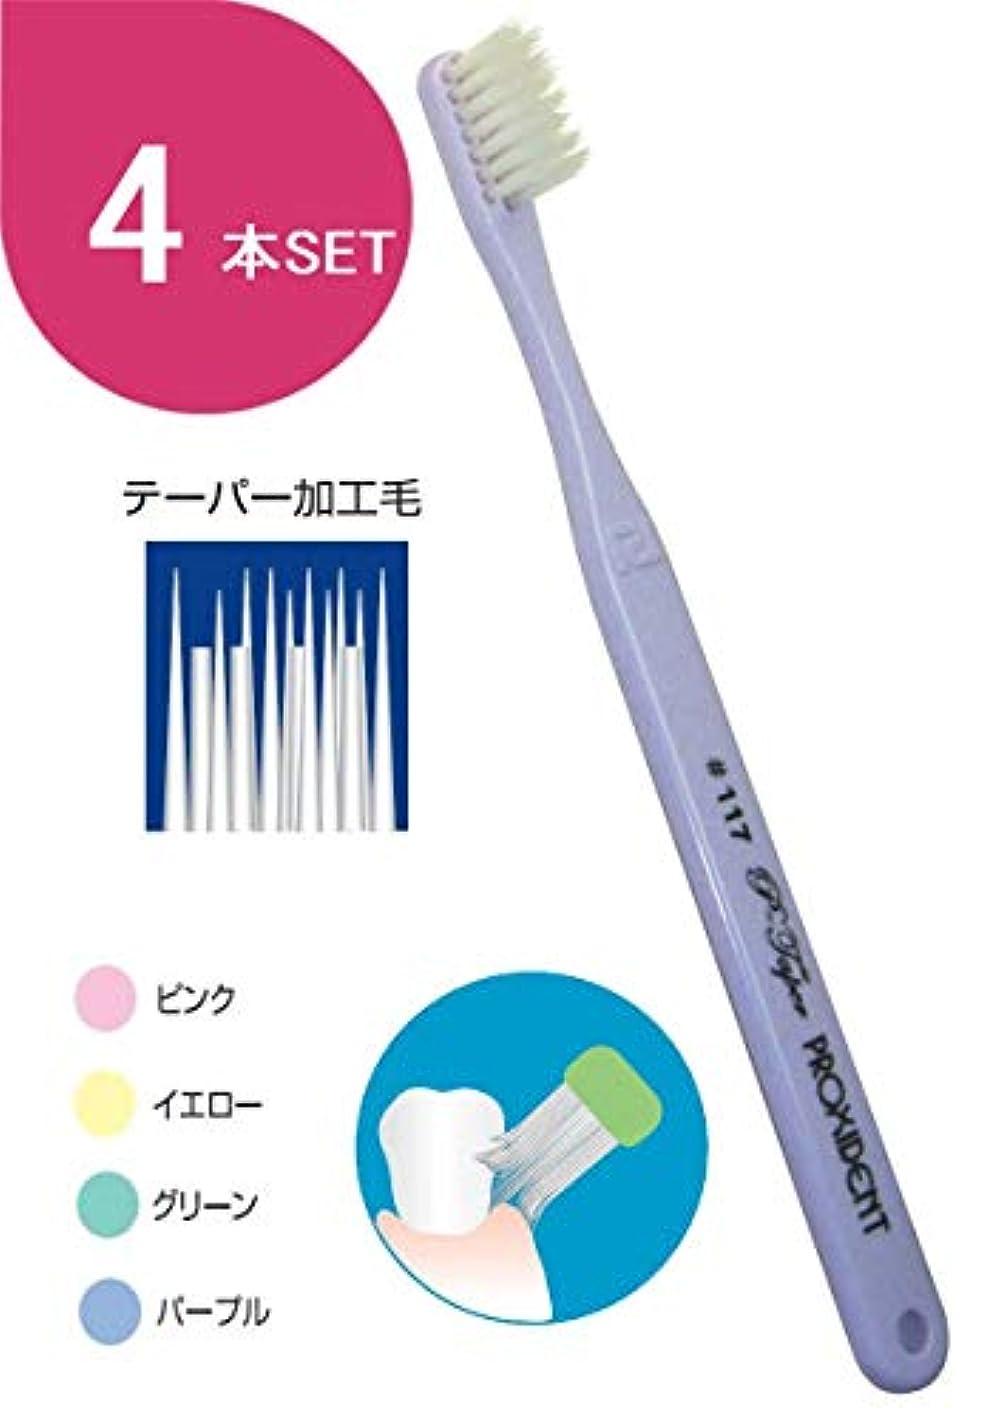 愛されし者把握アスレチックプローデント プロキシデント コンパクトヘッド ピーテーパー 歯ブラシ #117 (4本)